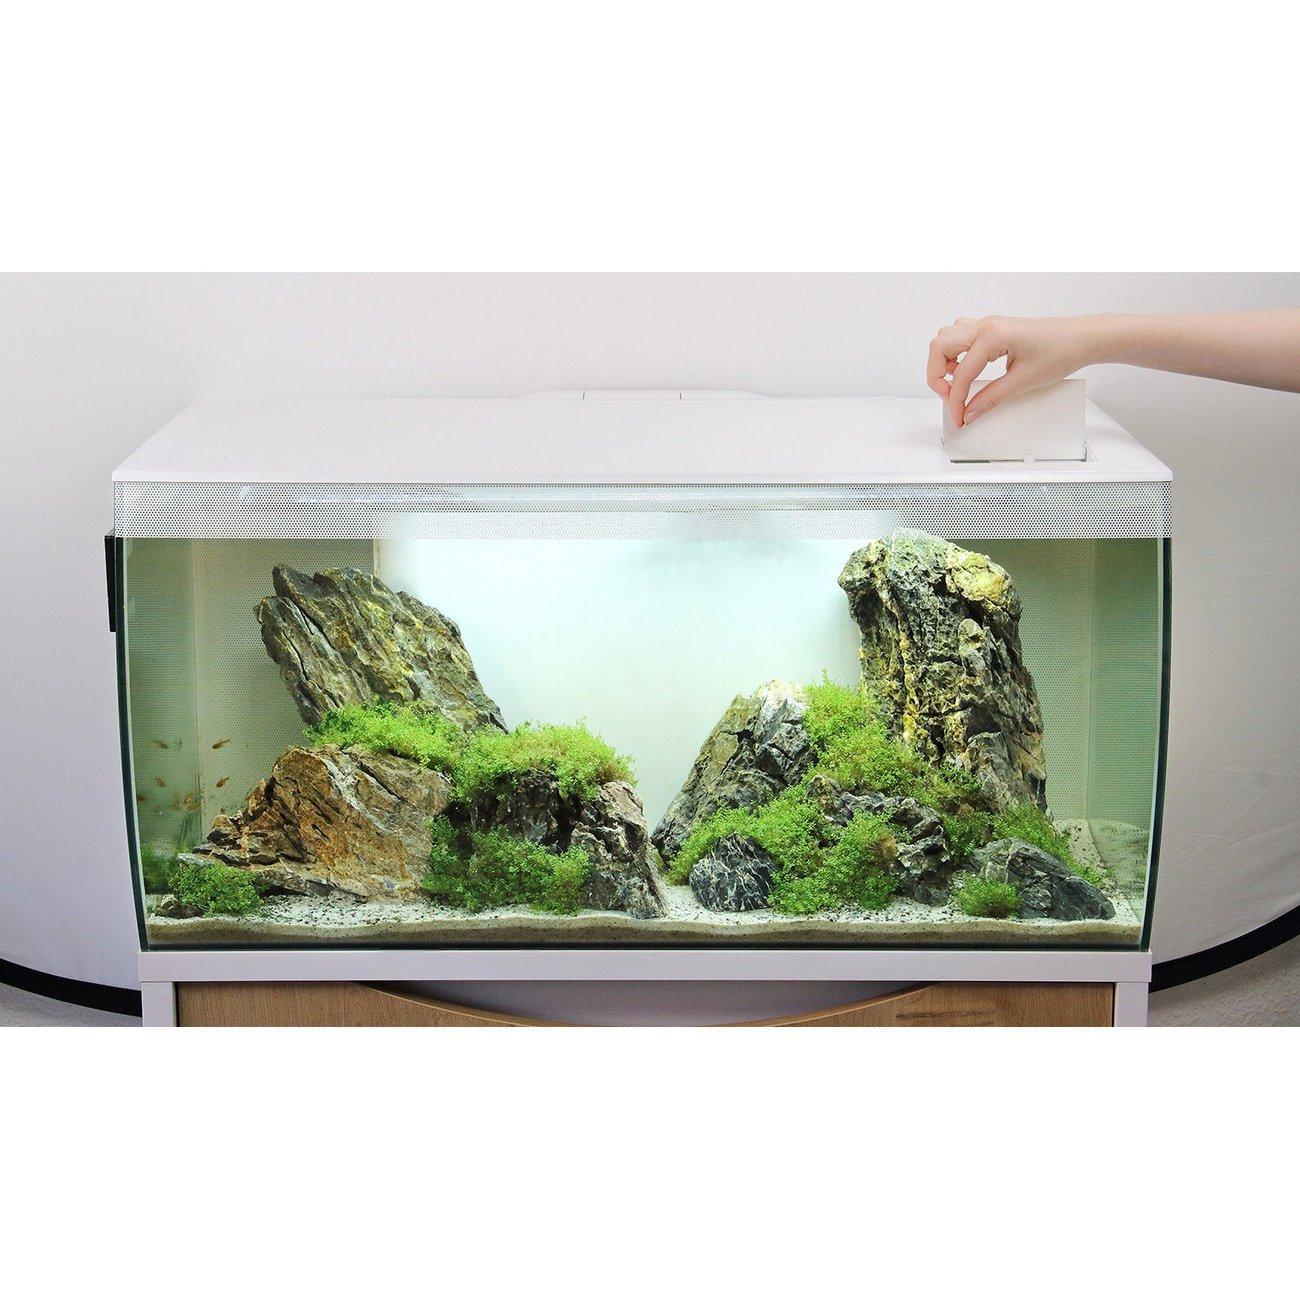 Fluval Flex 123 Liter Aquarium, Bild 12